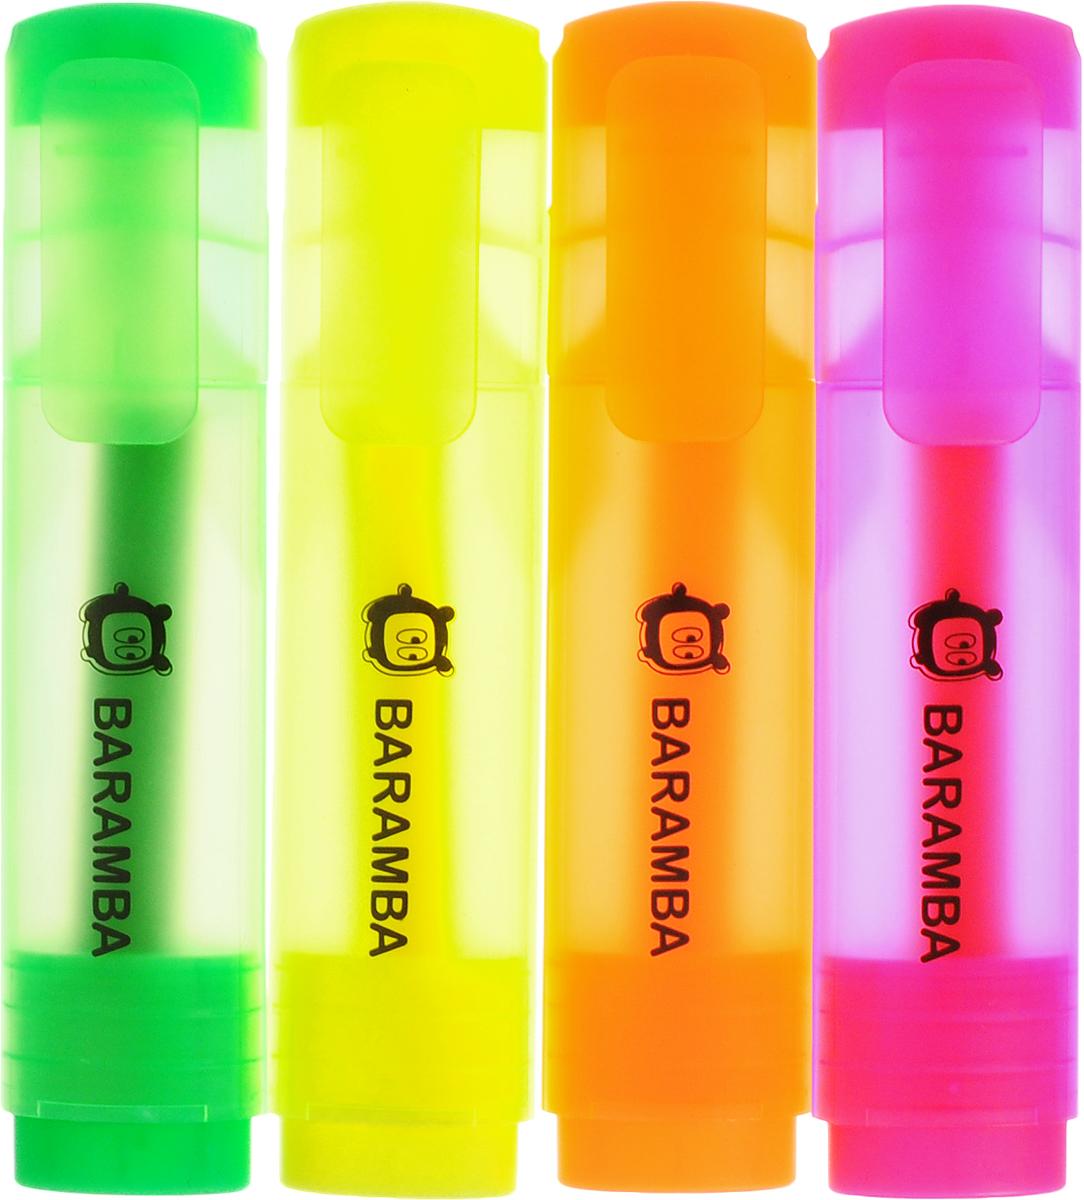 Baramba Набор текстовыделителей 4 цветаB10004_желтый/оранжевый/розовый/зеленыйНабор текстовыделителей Baramba подойдет для выделения текстов на разных видах бумаги, в том числе на бумаге для факсов и копировальных машин, и станет незаменимым атрибутом работы в офисе. Колпачок оснащен пластиковым клипом.В набор входят четыре текстовыделителя ярких цветов: розовый, желтый неон, зеленый и оранжевый. Текстовыделители с клиновидным острием обладают яркими, насыщенными цветами и четкими контурами.